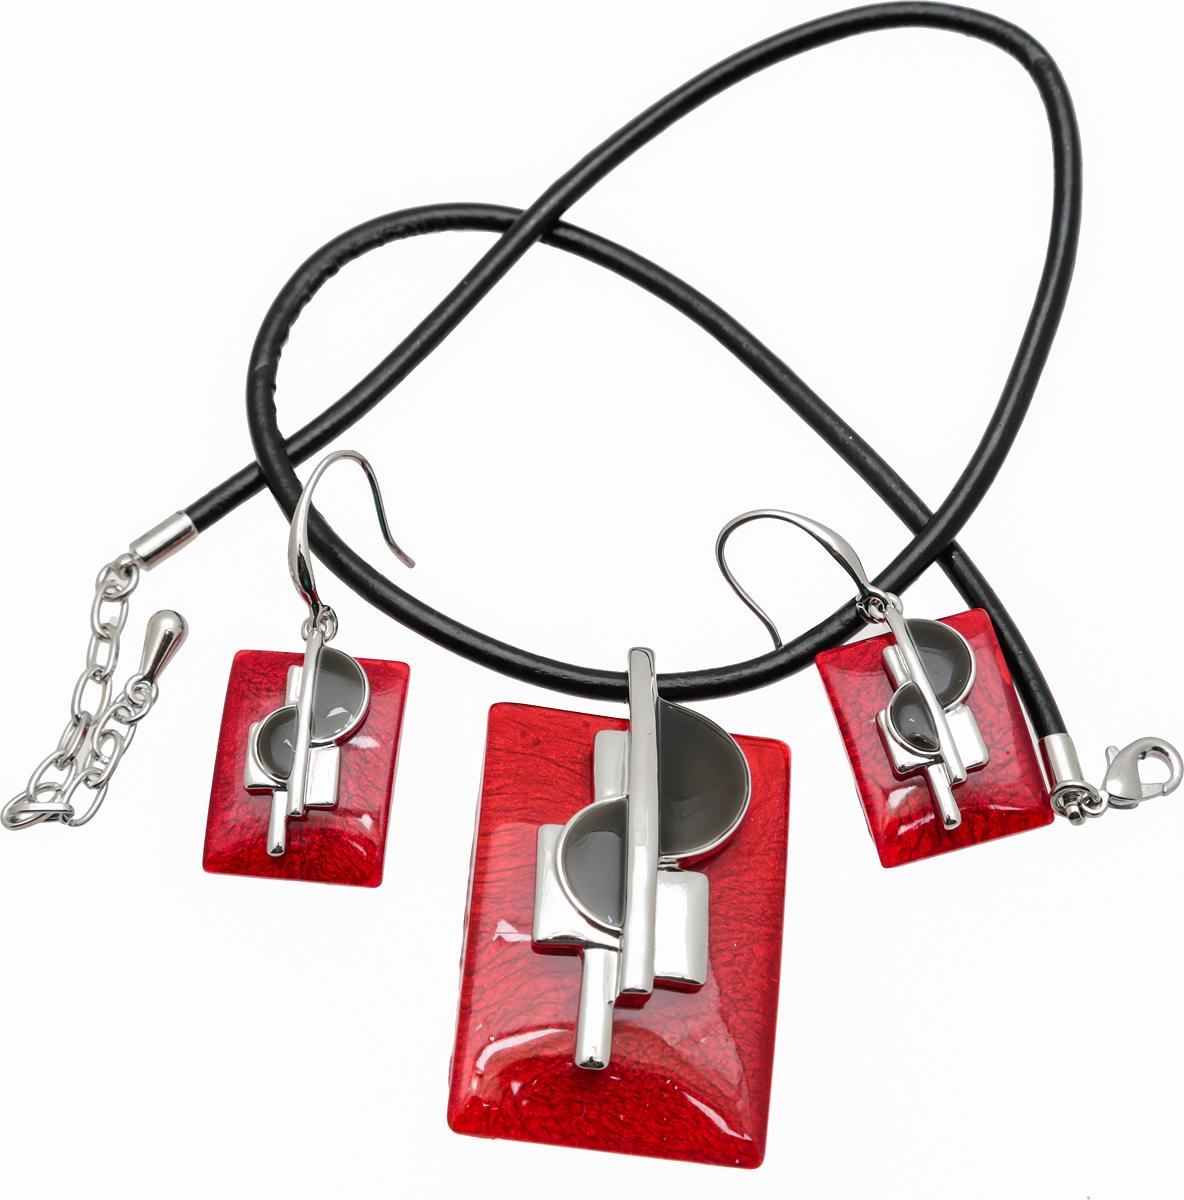 Комплект Джаз: кулон на шнурке и серьги от D.Mari. Ювелирный акрил, эмаль, искусственная кожа, бижутерый сплав серебряного тона. Гонконг356885Комплект Джаз: кулон на шнурке и серьги от D.Mari. Ювелирный акрил, эмаль, искусственная кожа, бижутерый сплав серебряного тона. Гонконг. Размеры: Шнурок - полная длина 40-46 см, регулируется за счет застежки-цепочки. Кулон - 4,5 х 3 см. Серьги - 4 х 2 см.